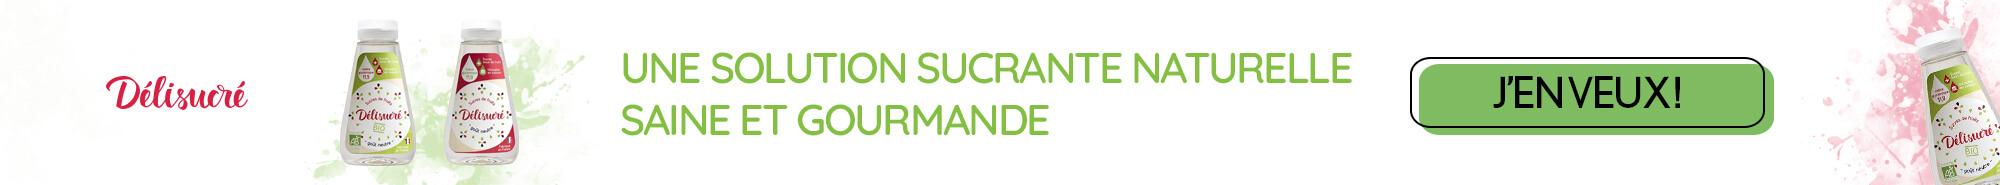 bandeau-DELISUCRE-2-2000x185-